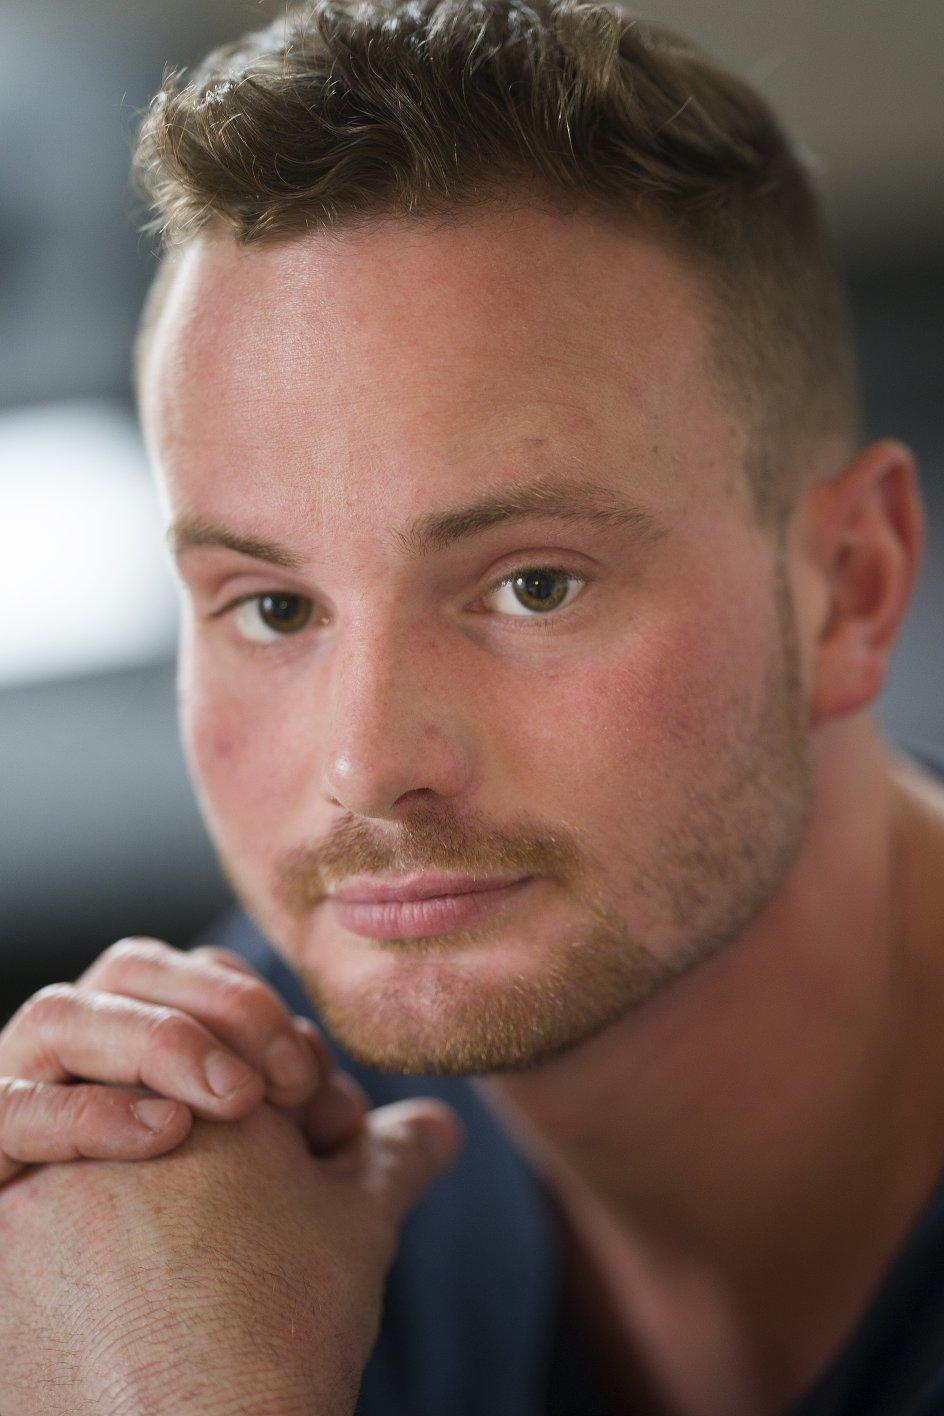 """""""Jeg er helt med på, at det var nødvendigt at tage hjem,"""" siger Lukas Bruggisser, der siden hjemrejsen fra Spanien har været i sin ungdomsbolig i Aarhus. – Foto: Niels Åge Skovbo/Fokus Foto."""